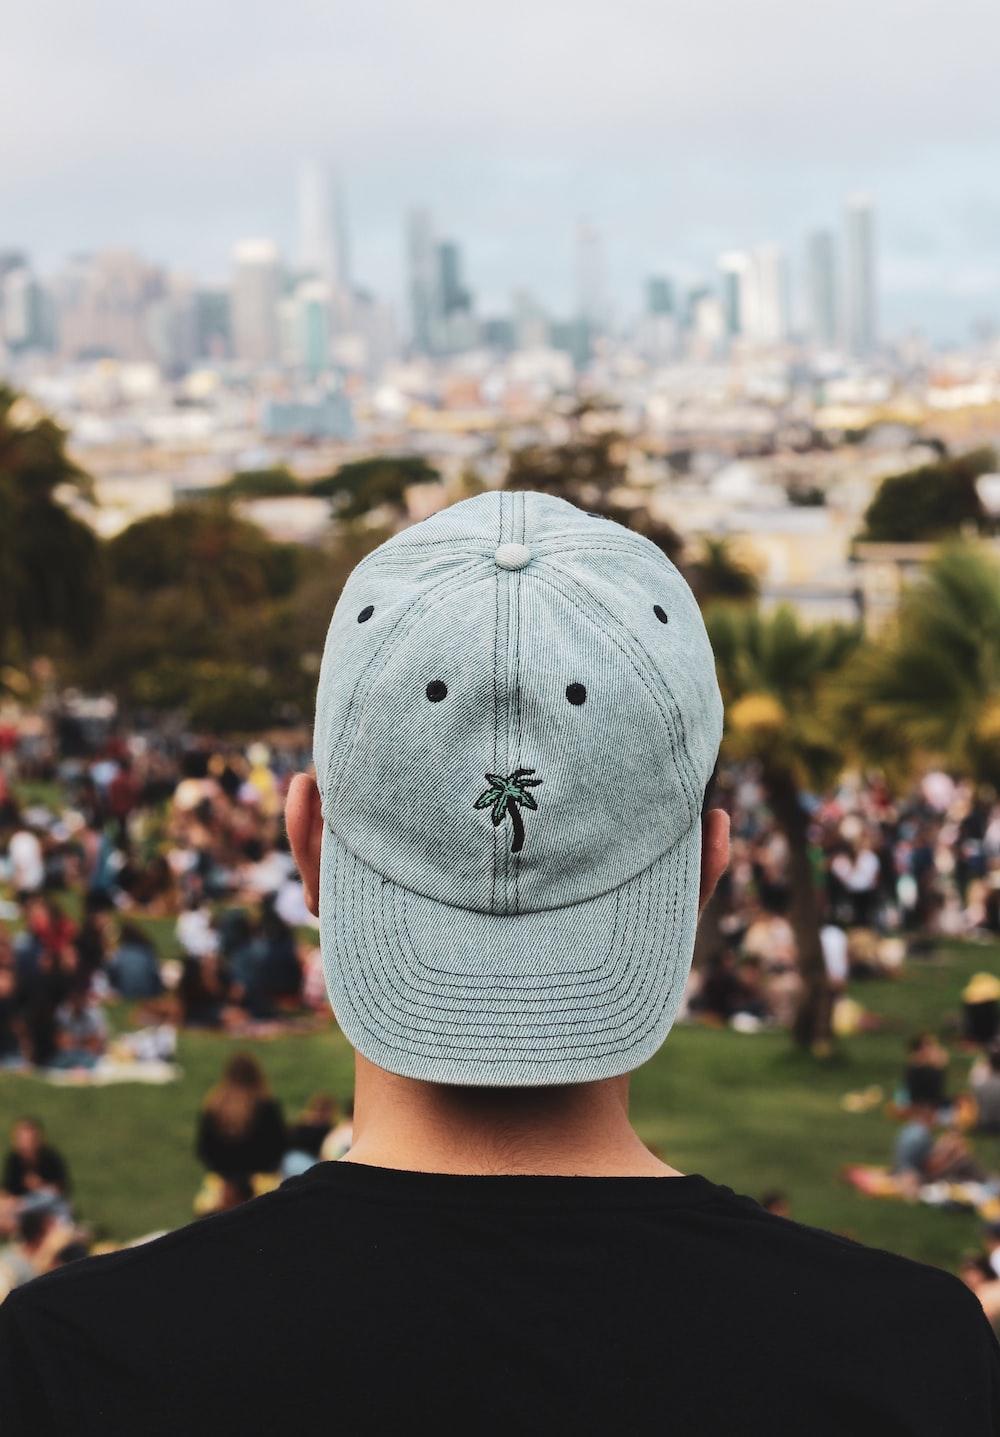 Personalisierte Caps, die perfekten Werbeartikel?